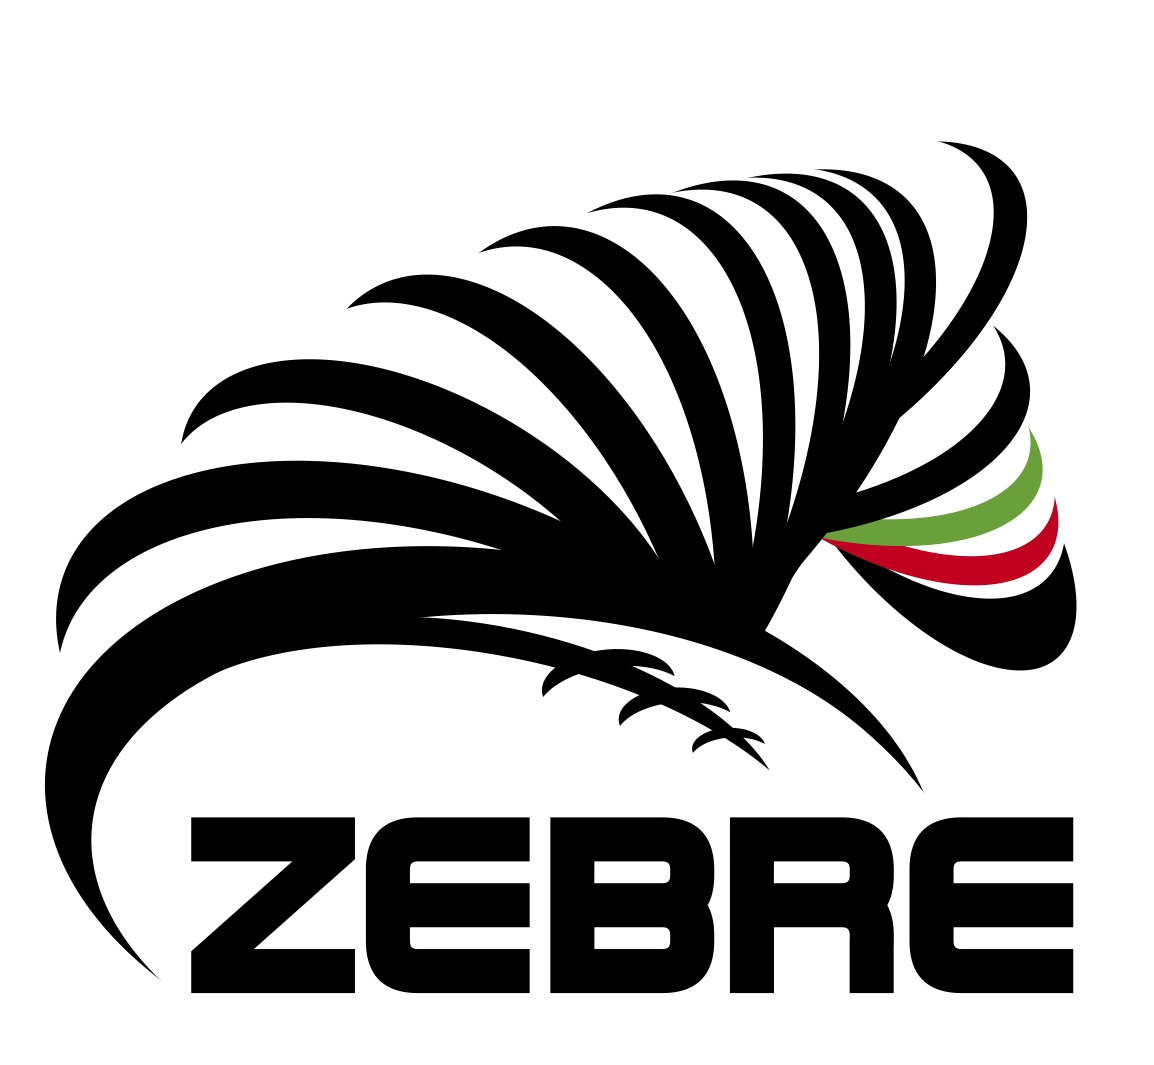 LOGO Zebre